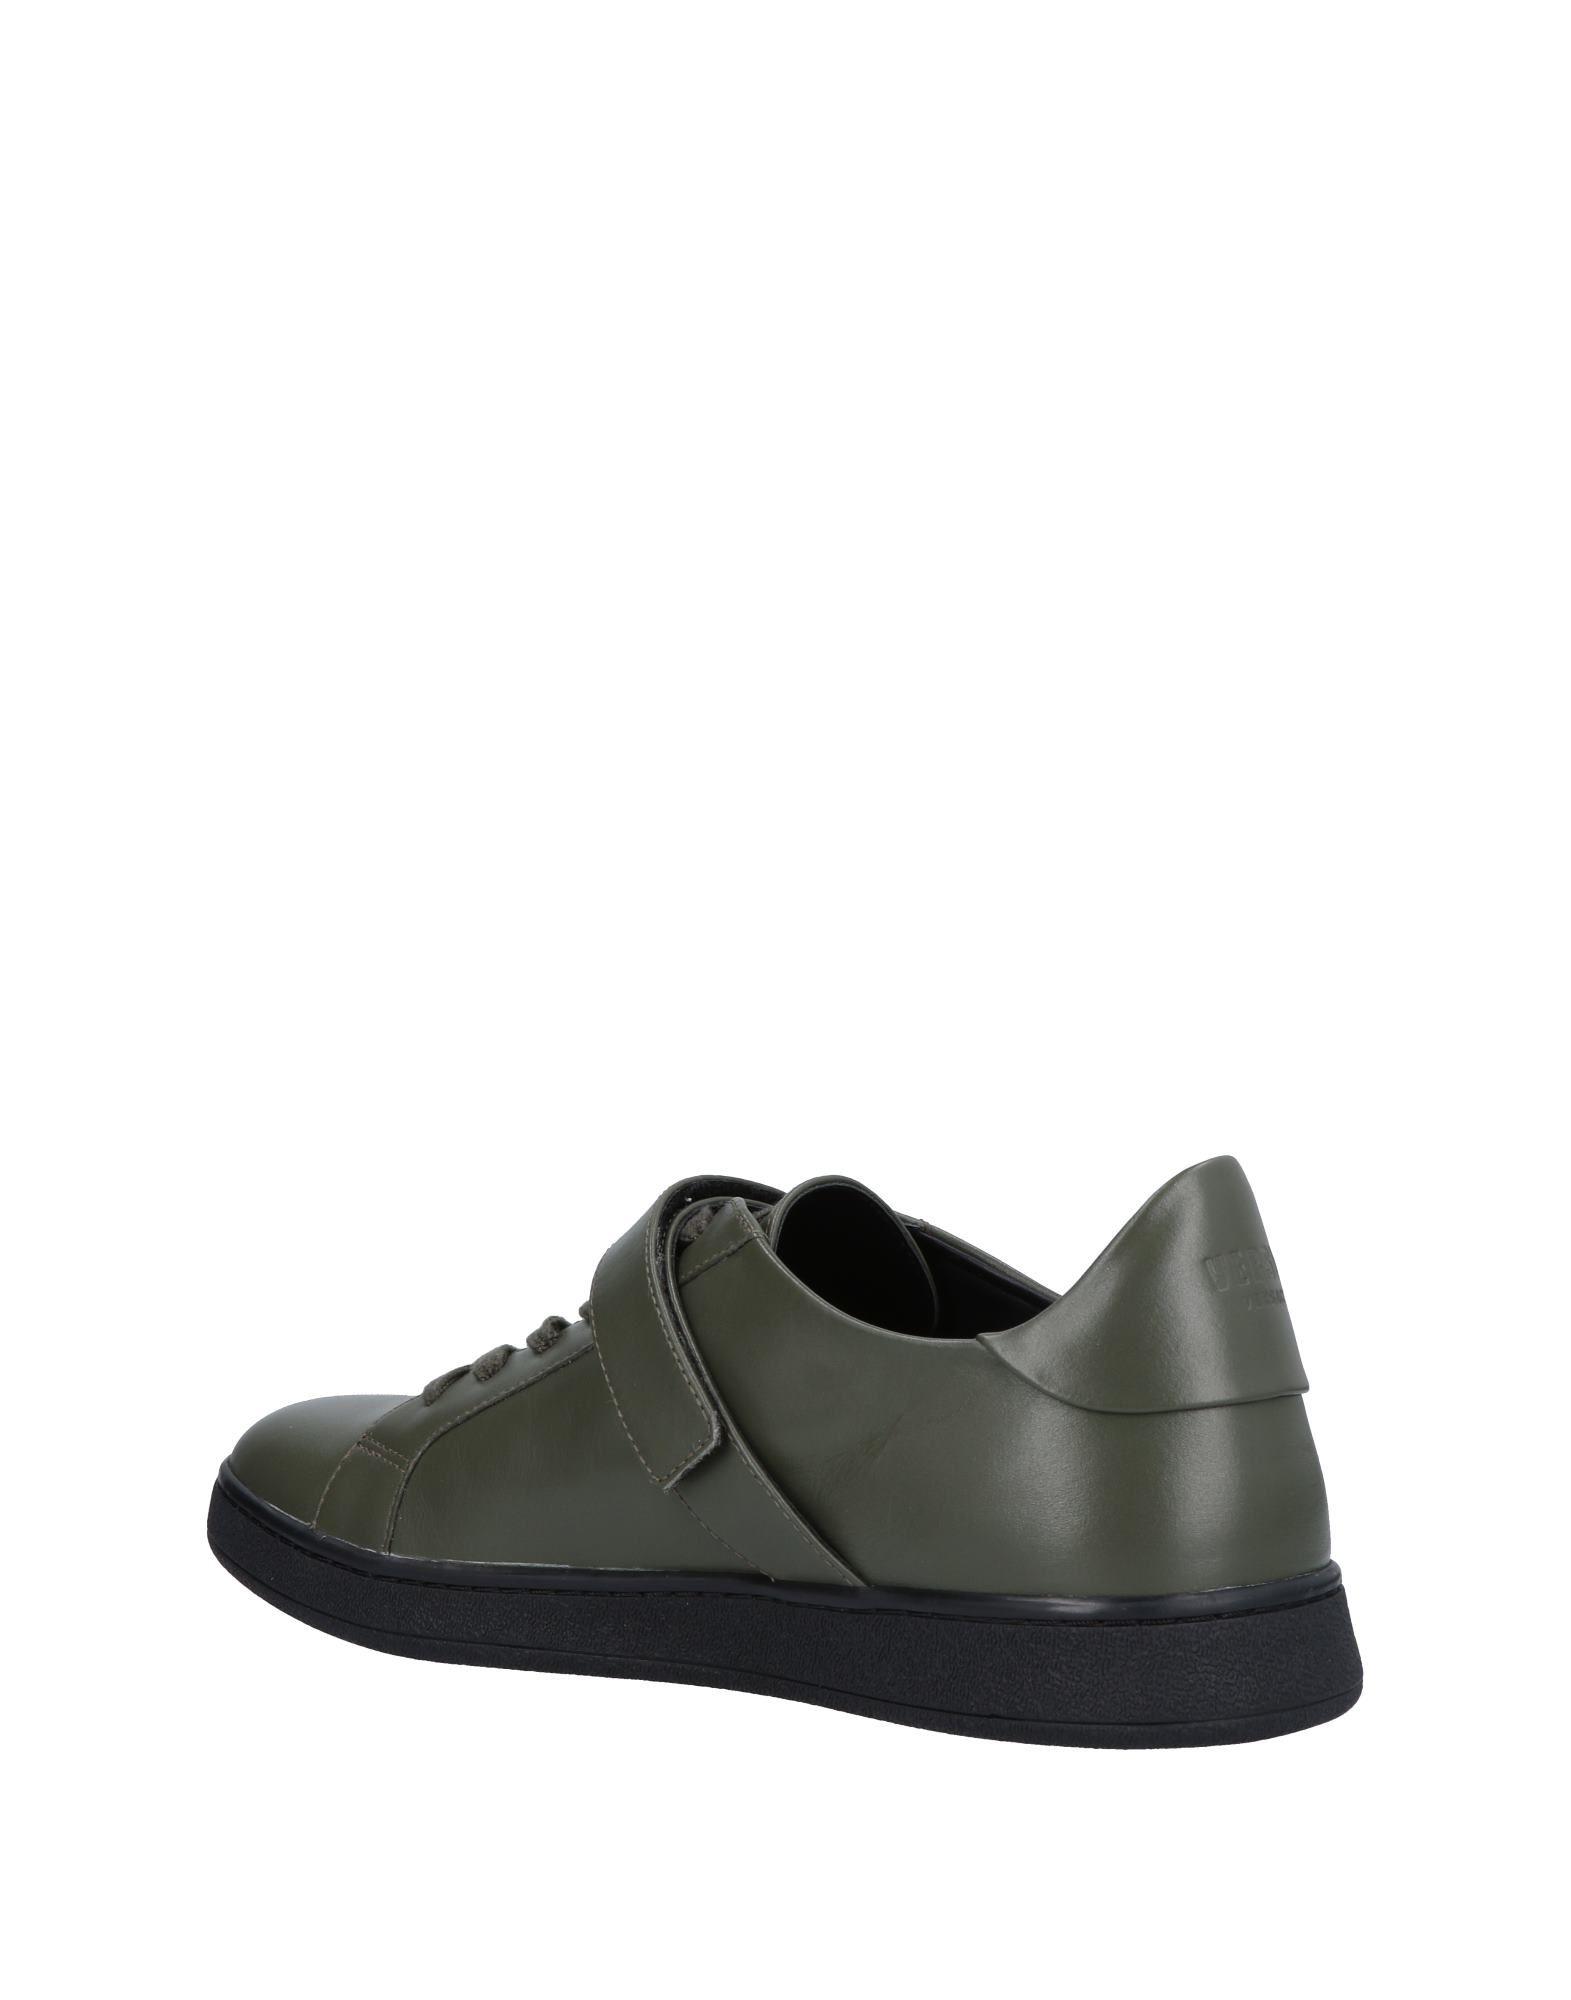 Versus Versace Herren Sneakers Herren Versace  11469761HB Neue Schuhe b94dab